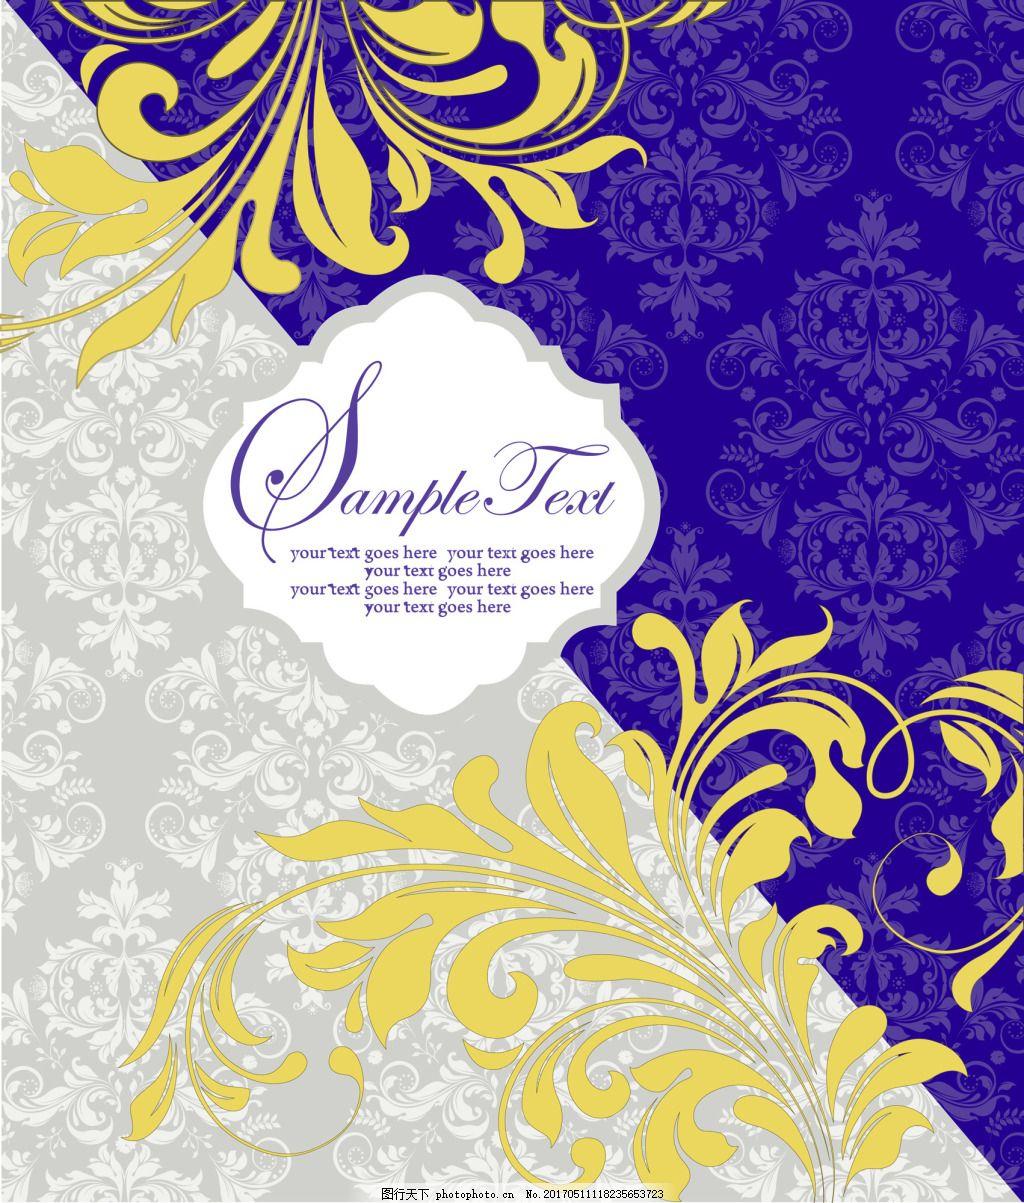 欧式花纹灰色底纹矢量素材 蓝色 金色 复古 纹理 背景 装饰元素